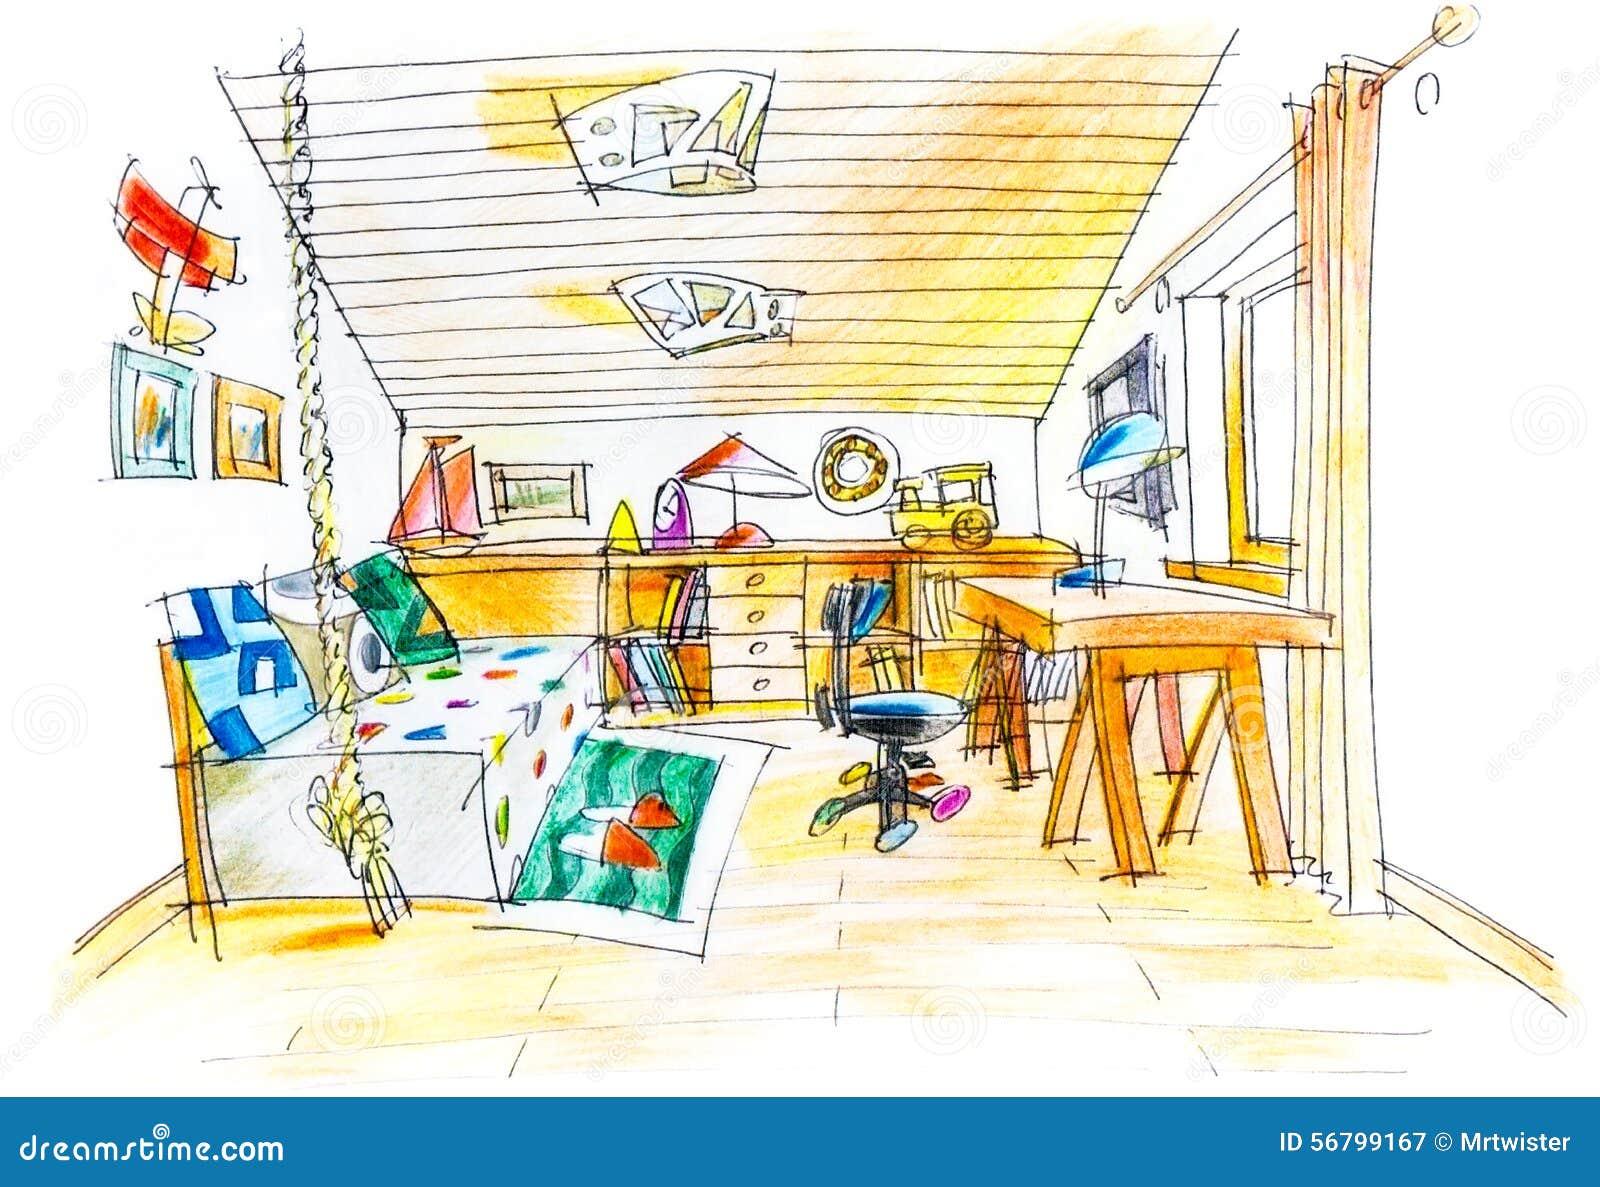 Dessin Avec La Main dessin de dessin à main levée d'une salle d'enfants